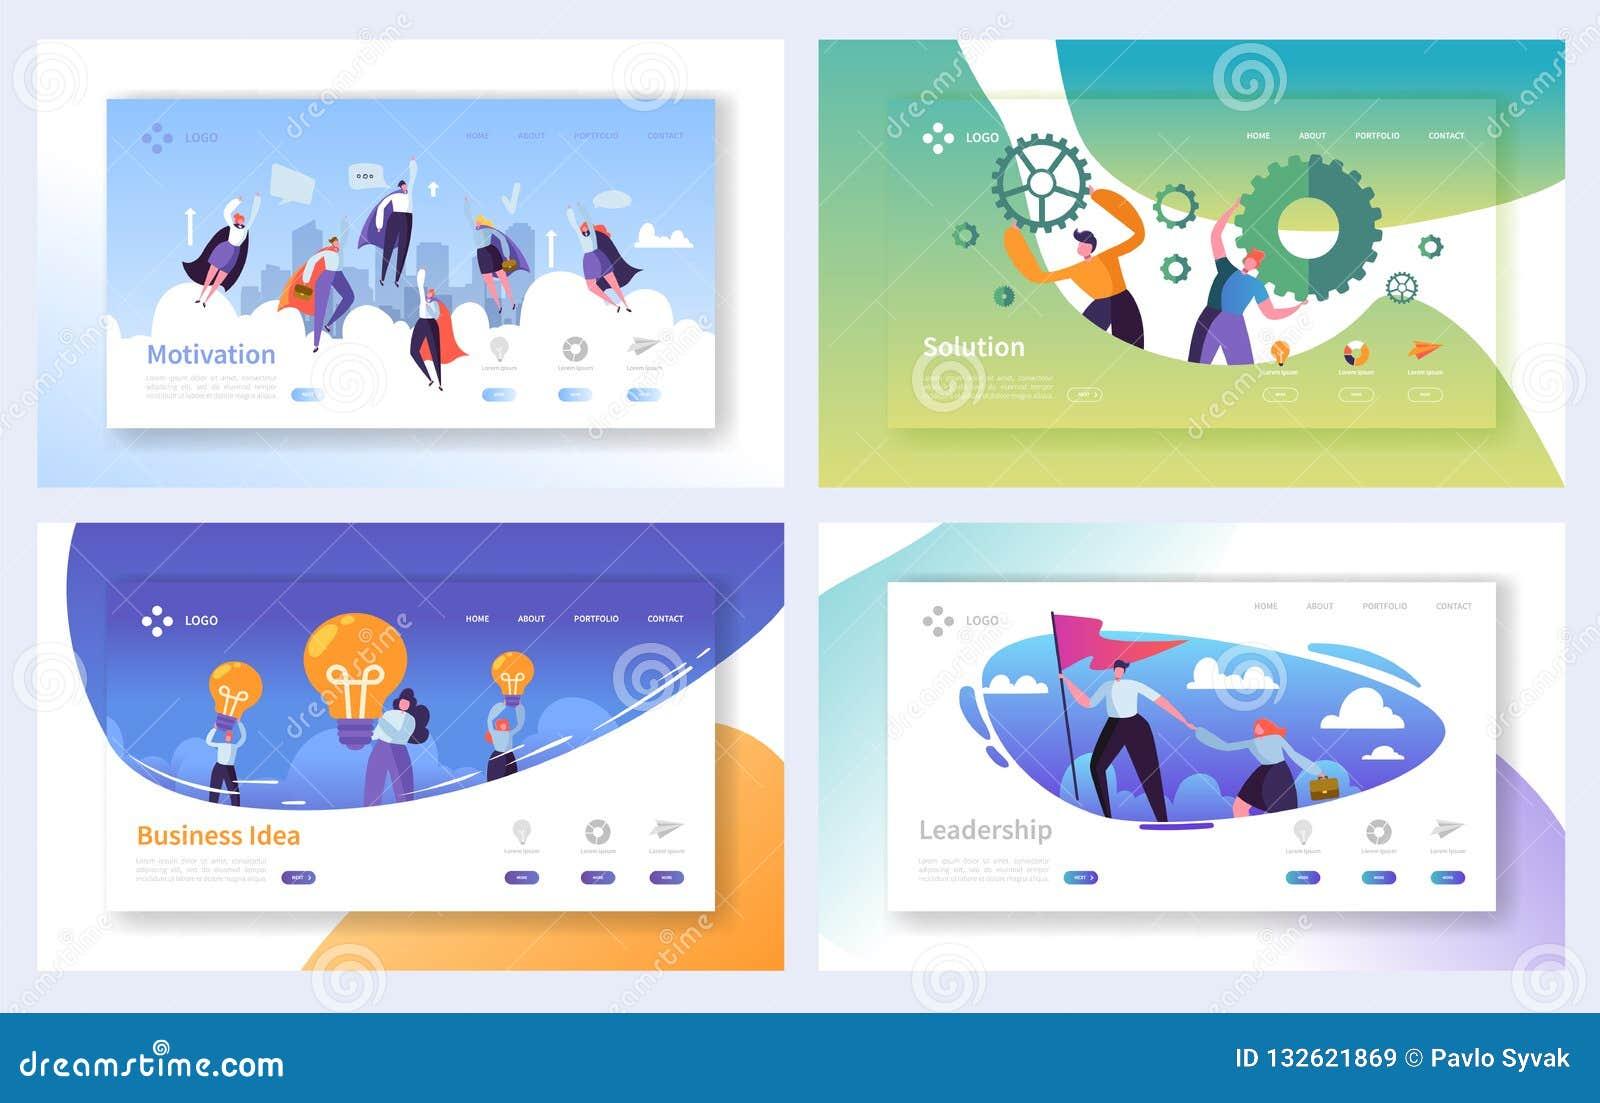 Geschäfts-Landungs-Seiten-Schablonen-Satz Geschäftsleute der Charakter-Team Working, Lösung, Führung, kreatives Ideen-Konzept